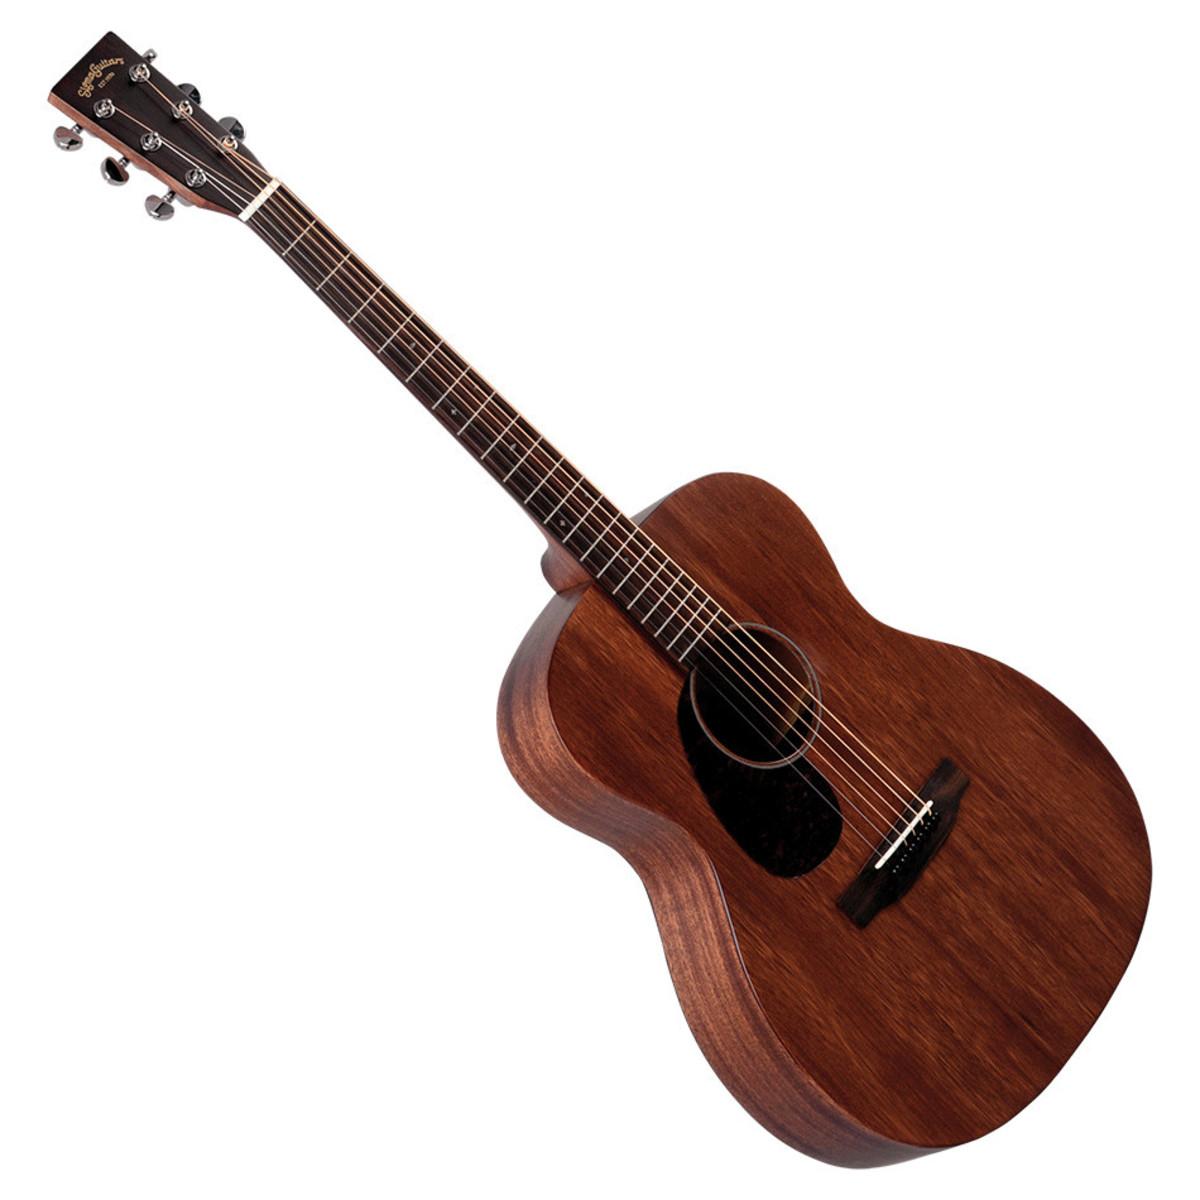 sigma 000m 15l left handed acoustic guitar natural at. Black Bedroom Furniture Sets. Home Design Ideas